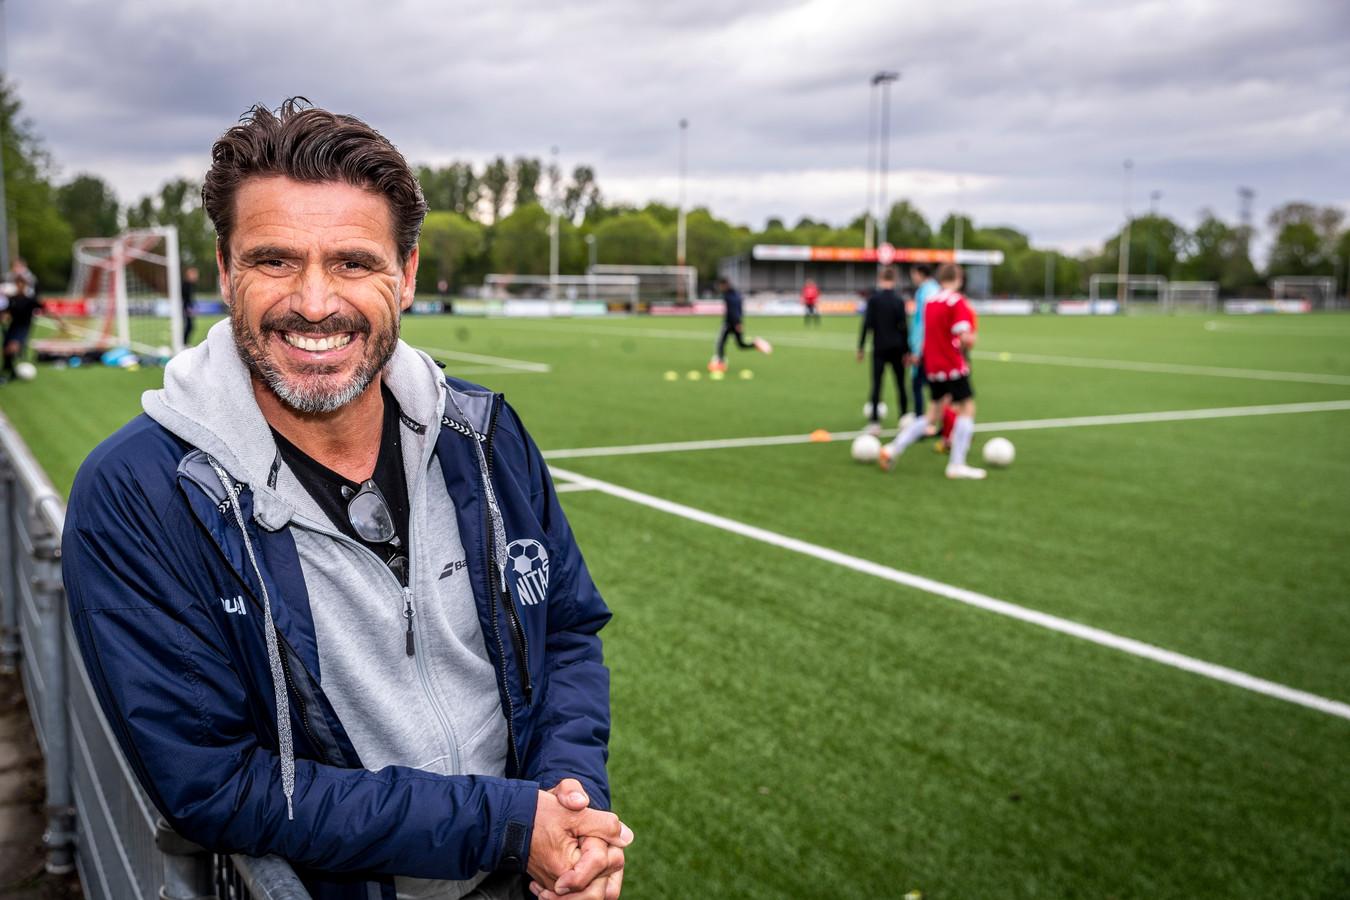 Mart van Duren is sinds vorig seizoen hoofd opleidingen bij Unitas'59, de club waar het voor de oud-profvoetballer van onder meer PSV ooit allemaal begon.